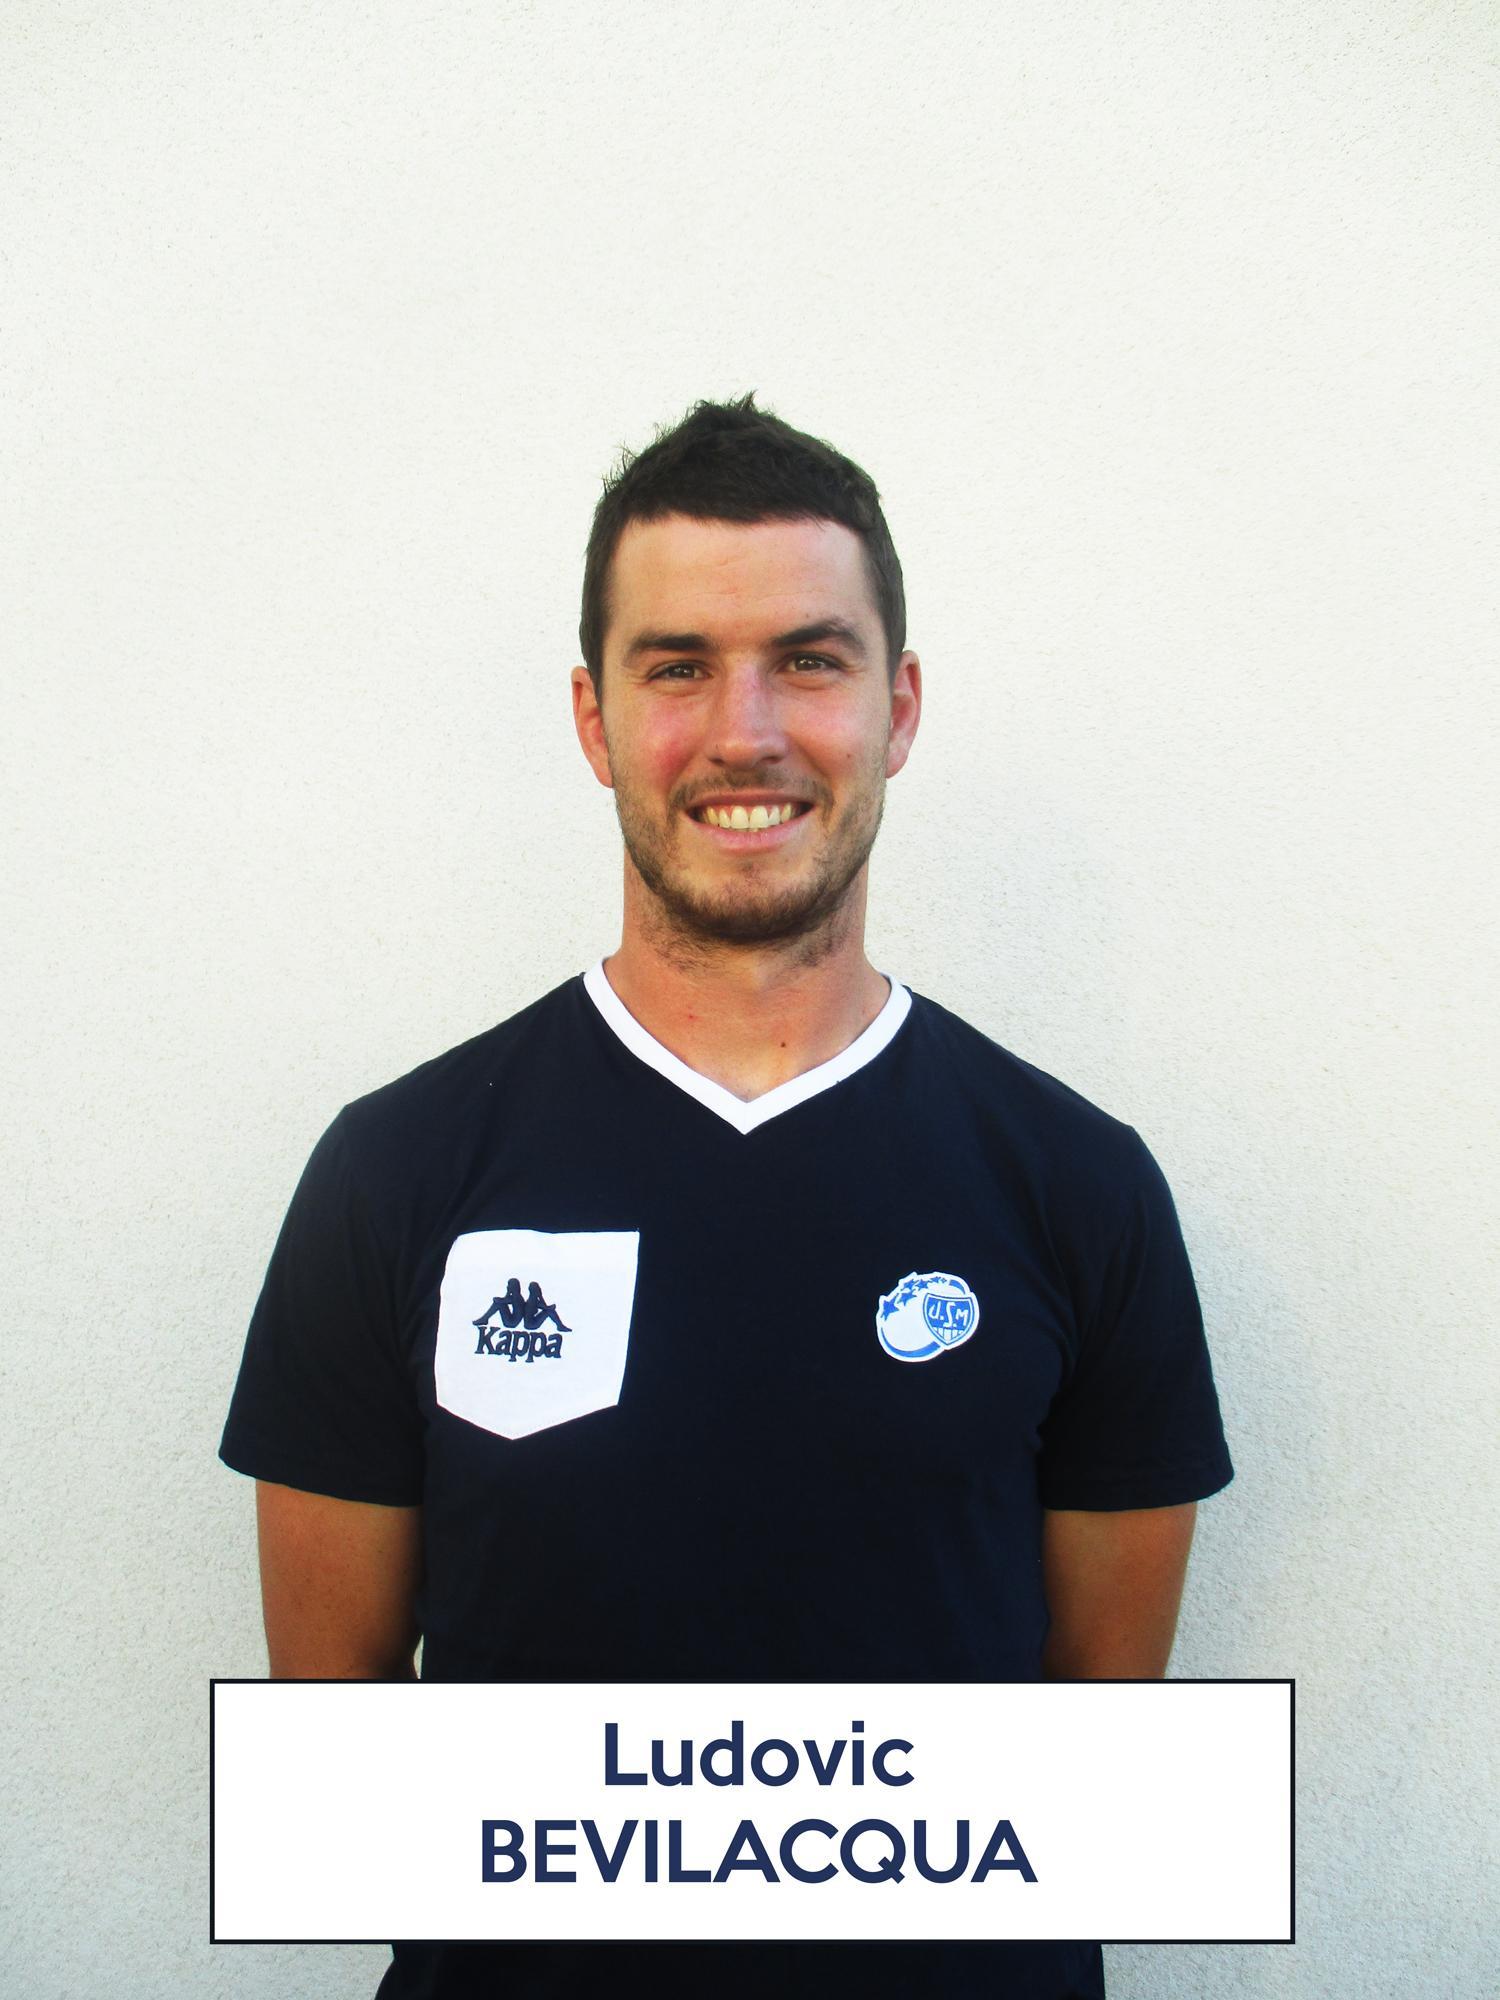 Ludovic Bevilacqua